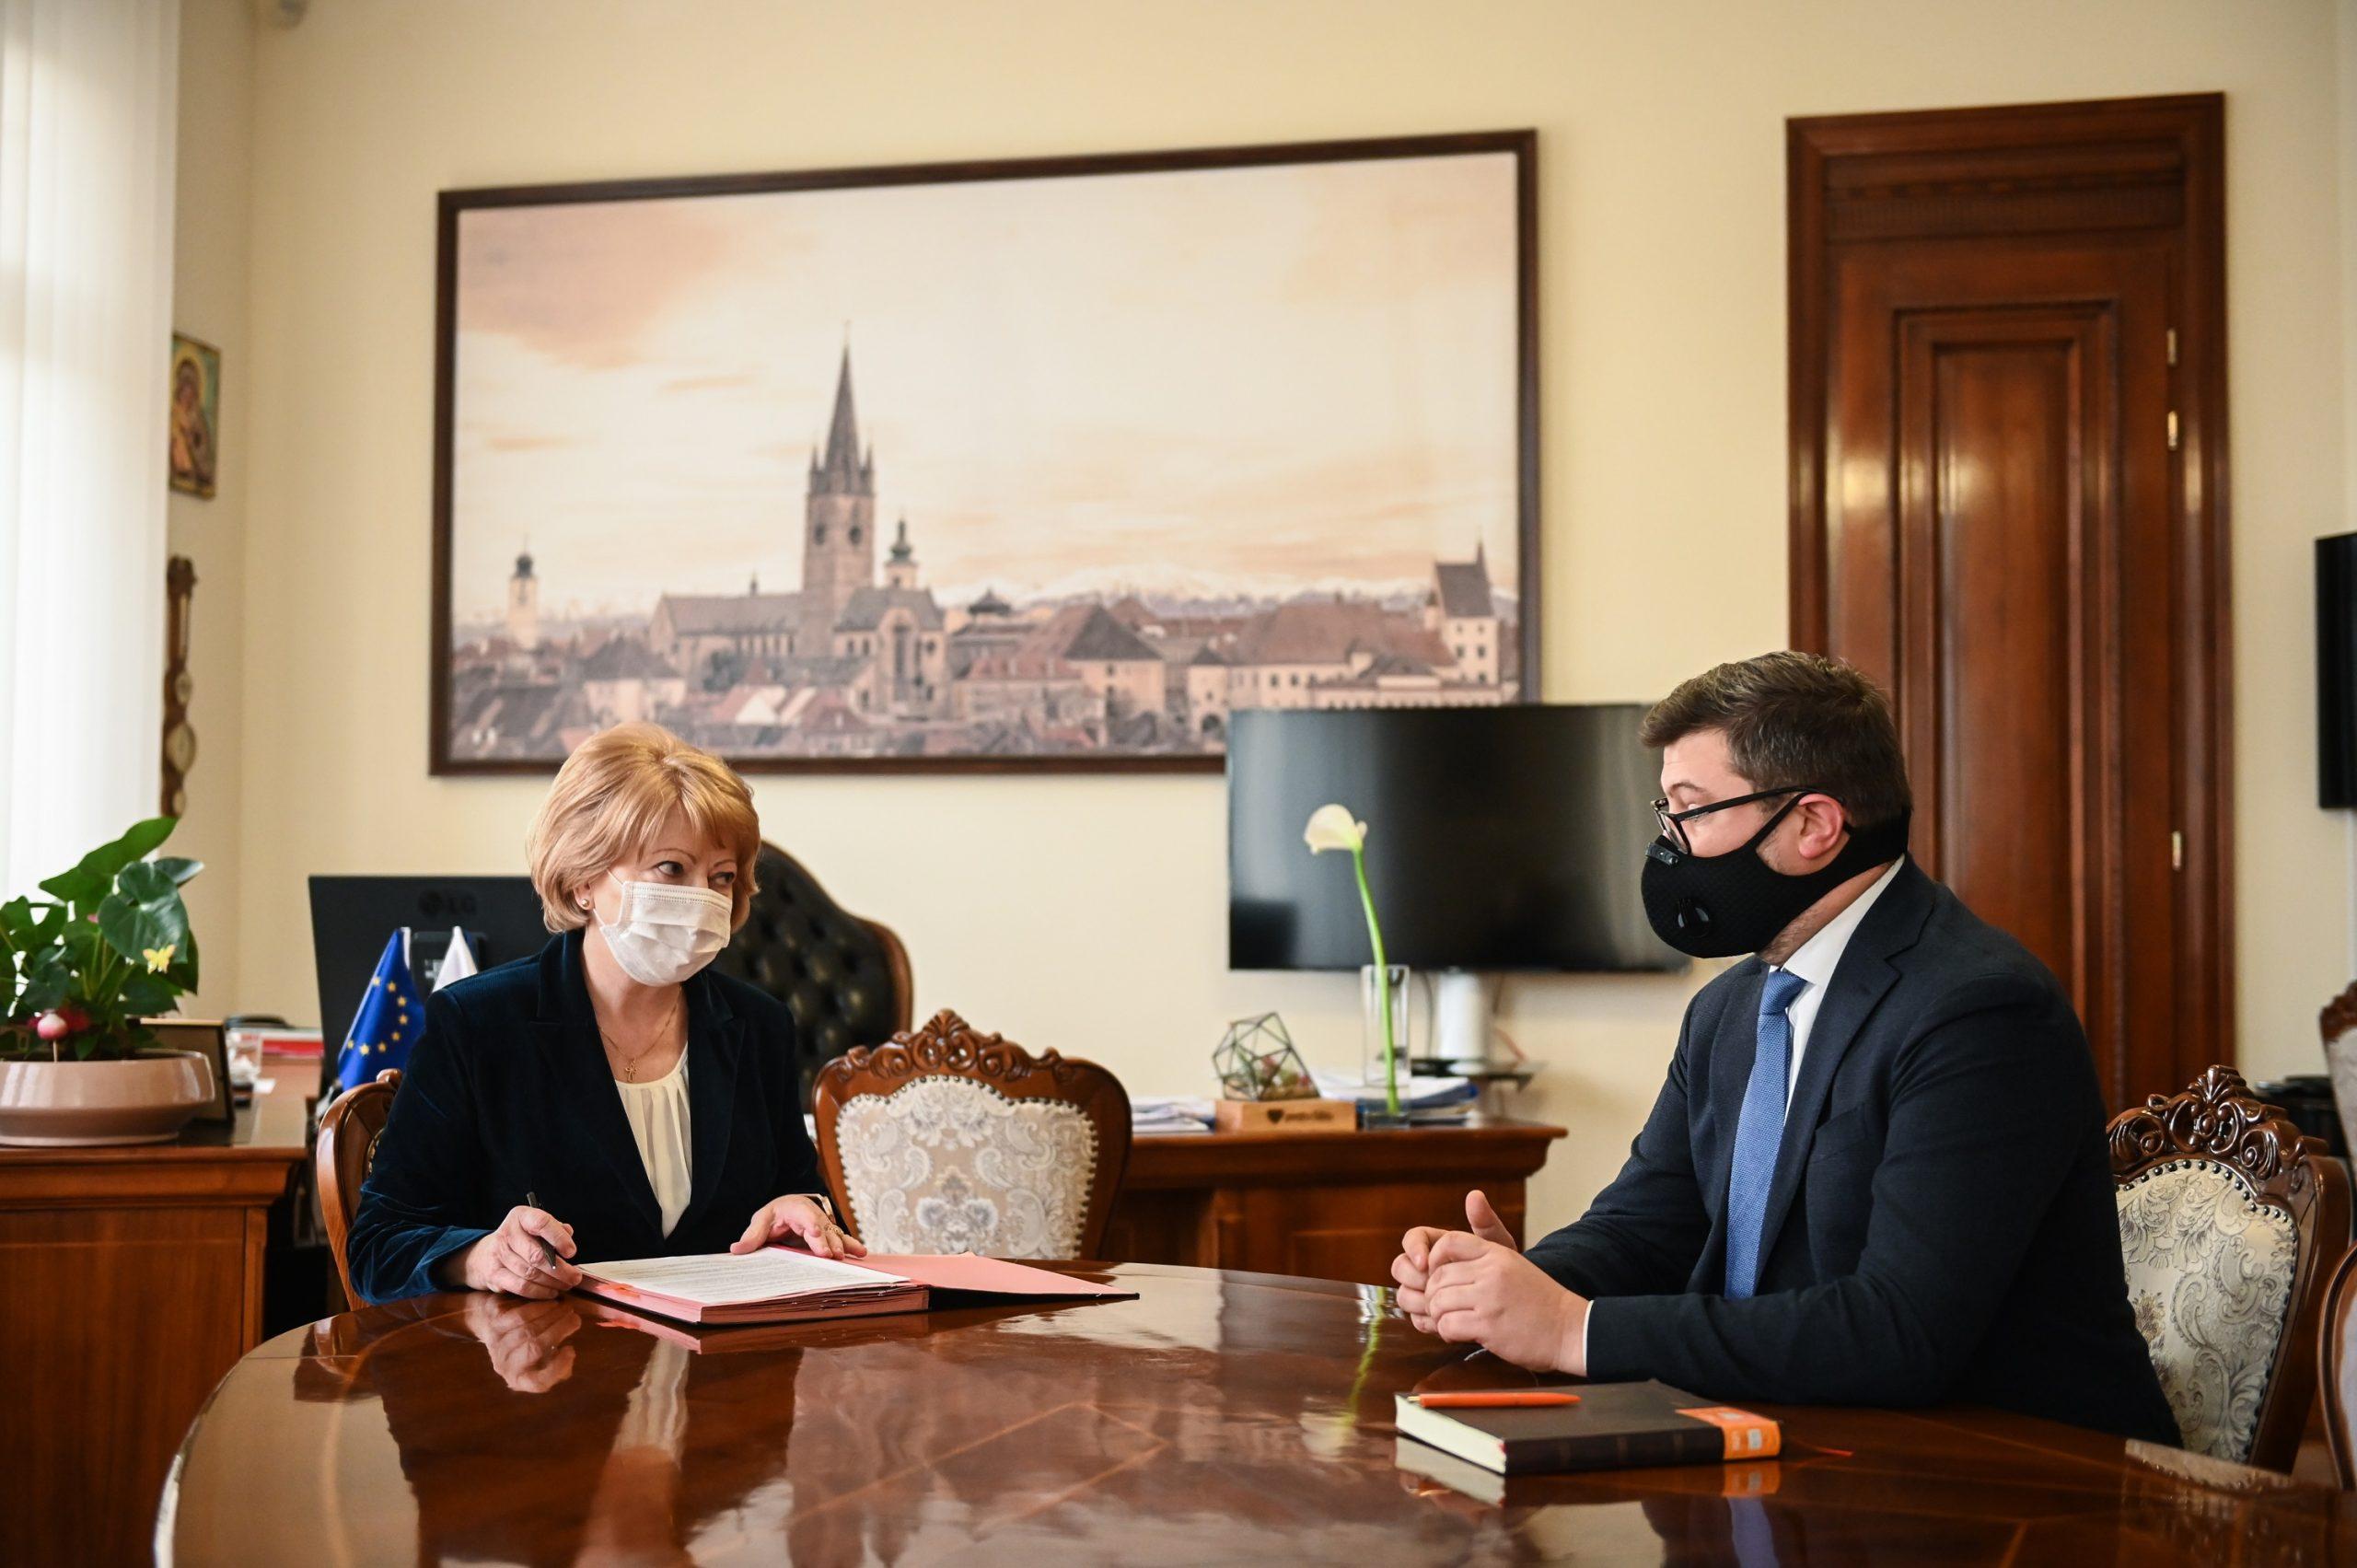 Începe realizarea Planului de Mobilitate Urbană Durabilă al Sibiului pentru 2021-2030